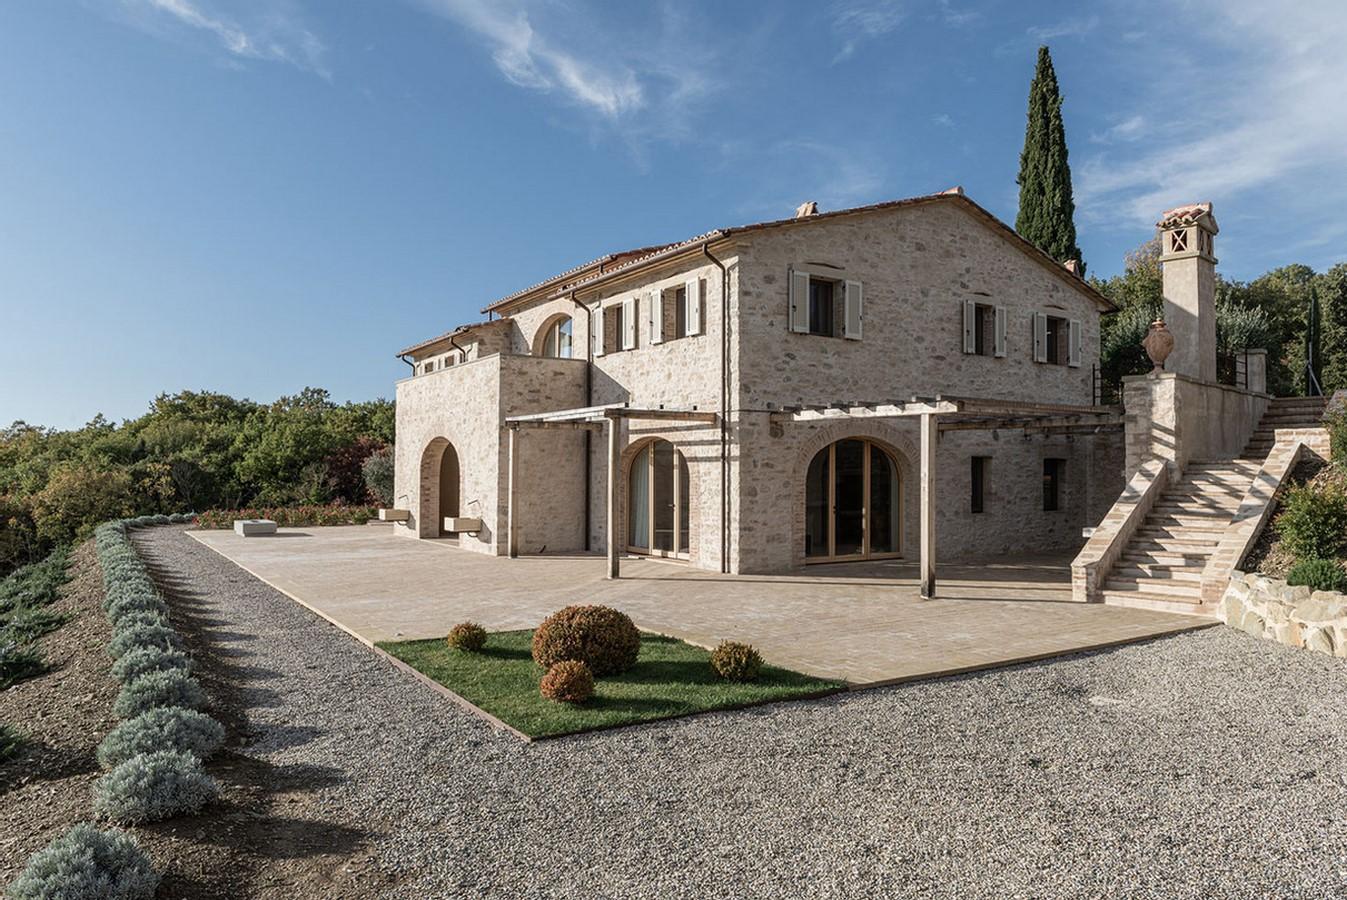 Architects in Palermo - Top 35 Architects in Palermo - Sheet7